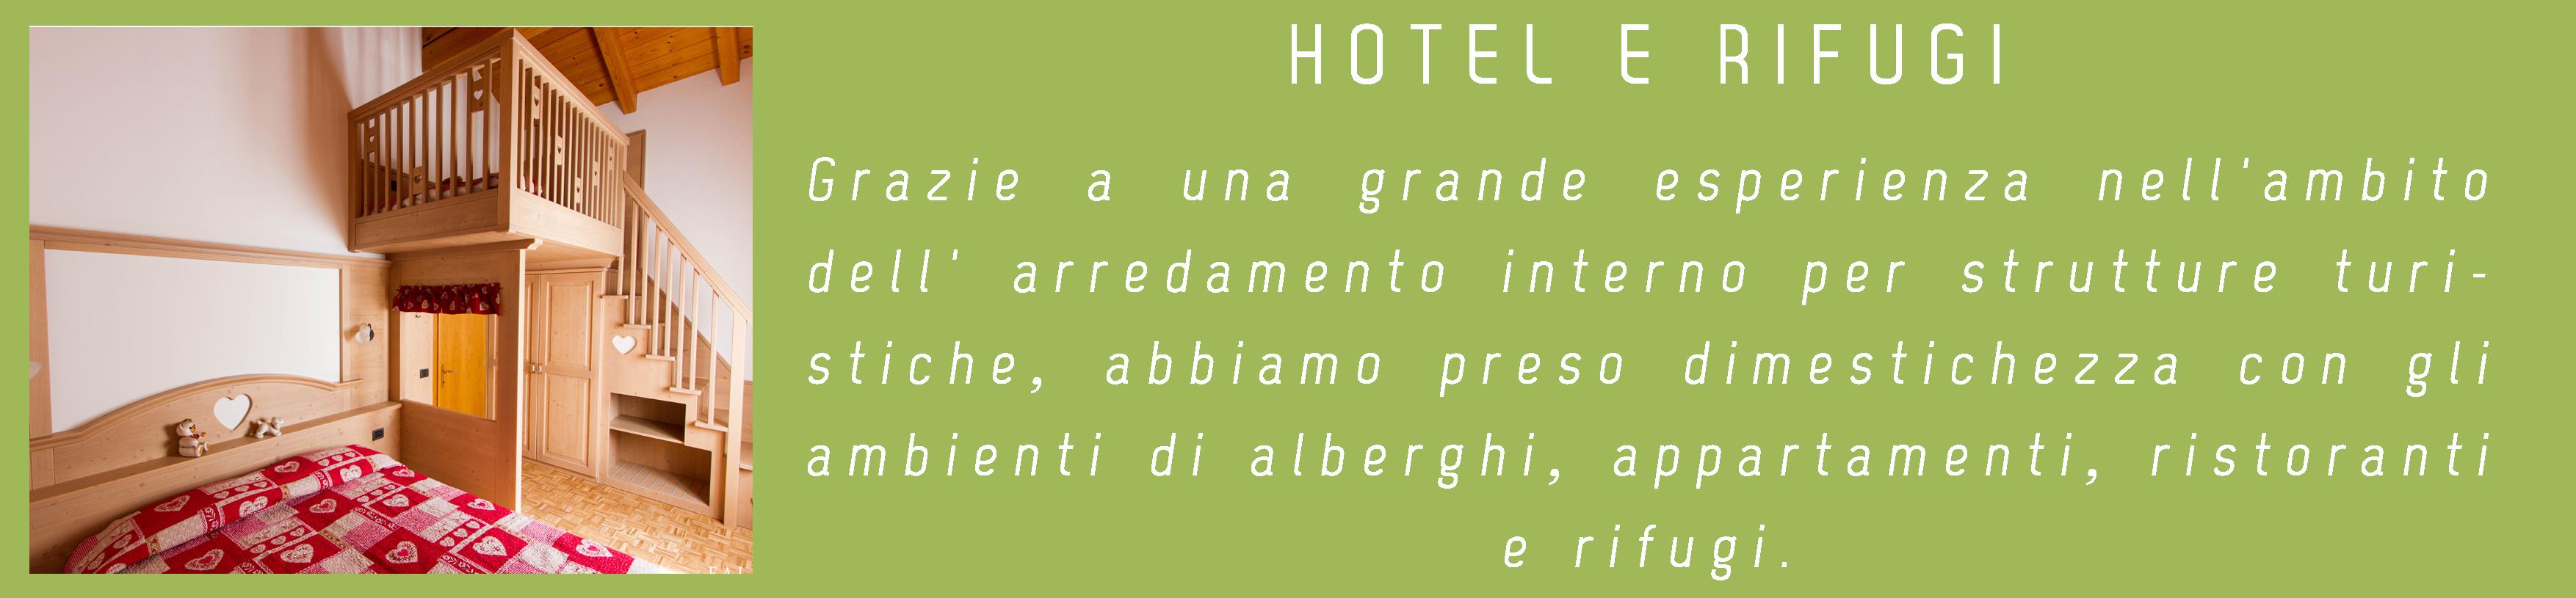 hotel-rifugi